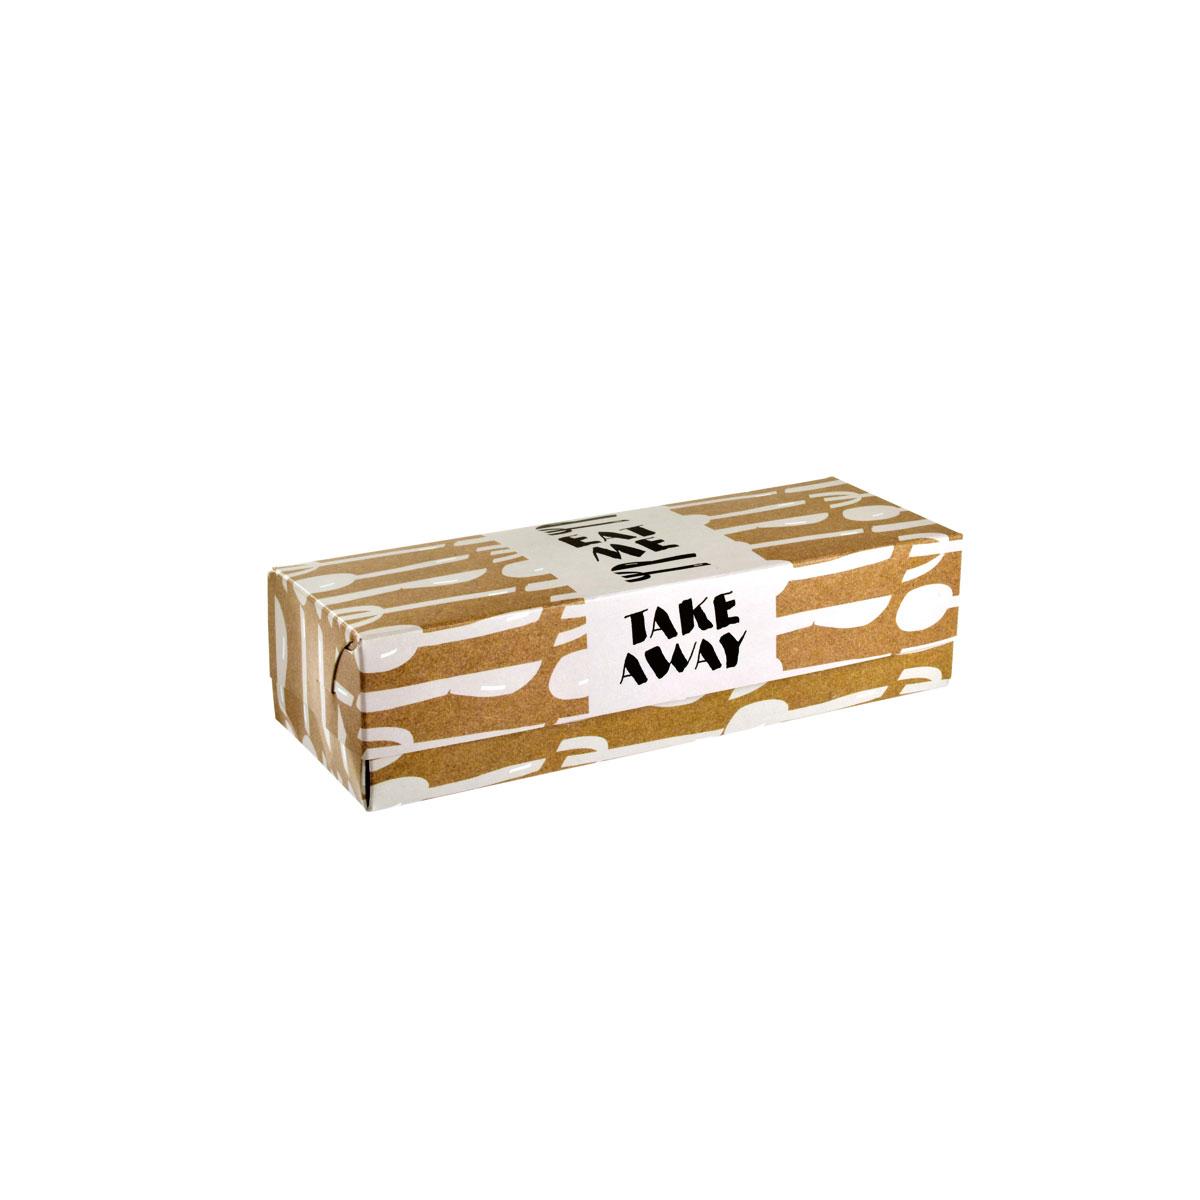 ΚΟΥΤΙ ΓΙΑ ΚΑΛΑΜΑΚΙΑ – TIGERPACK  25cmΧ9cmX6.5